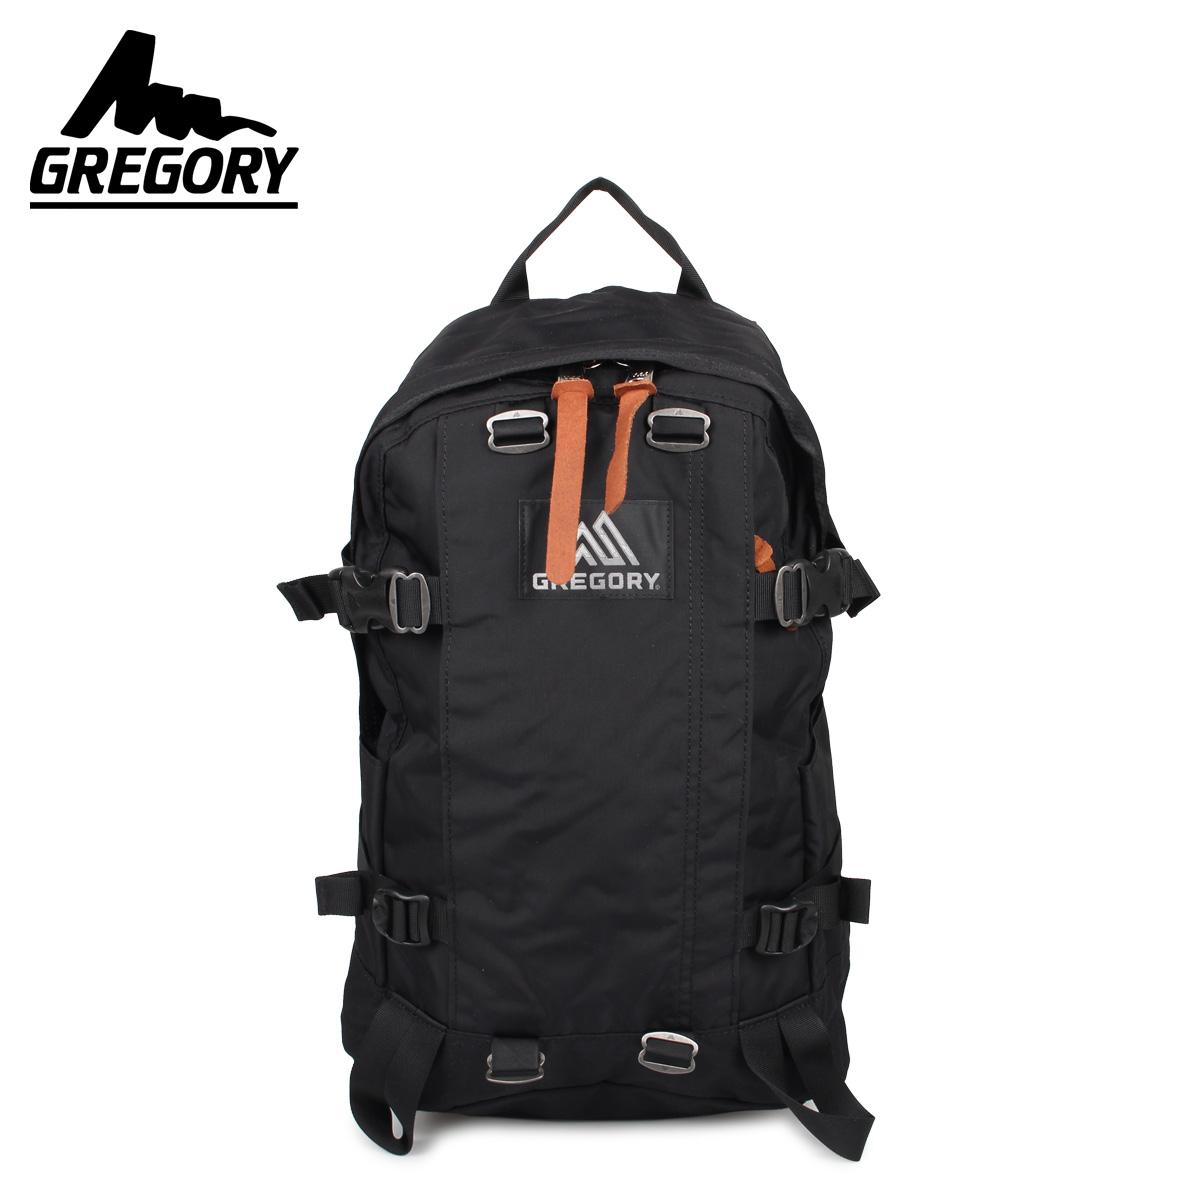 GREGORY グレゴリー リュック バッグ バックパック メンズ レディース 24L ALL DAY V2 ブラック 黒 131365-1041 [4/21 新入荷]